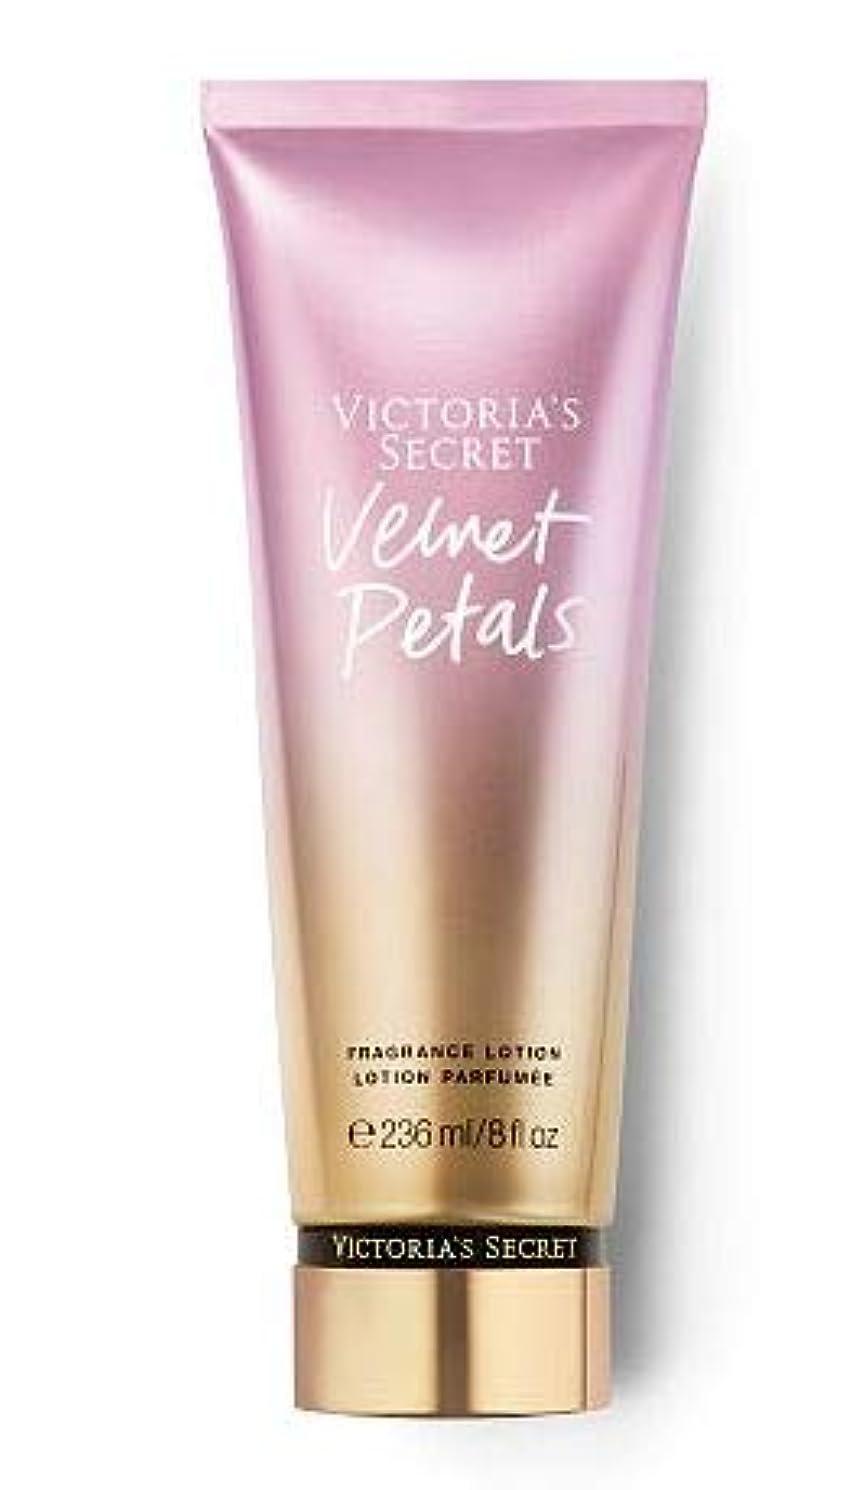 電圧特異性気楽なVictoria's Secretヴィクトリアシークレット Velvet Petals 236ml [並行輸入品]